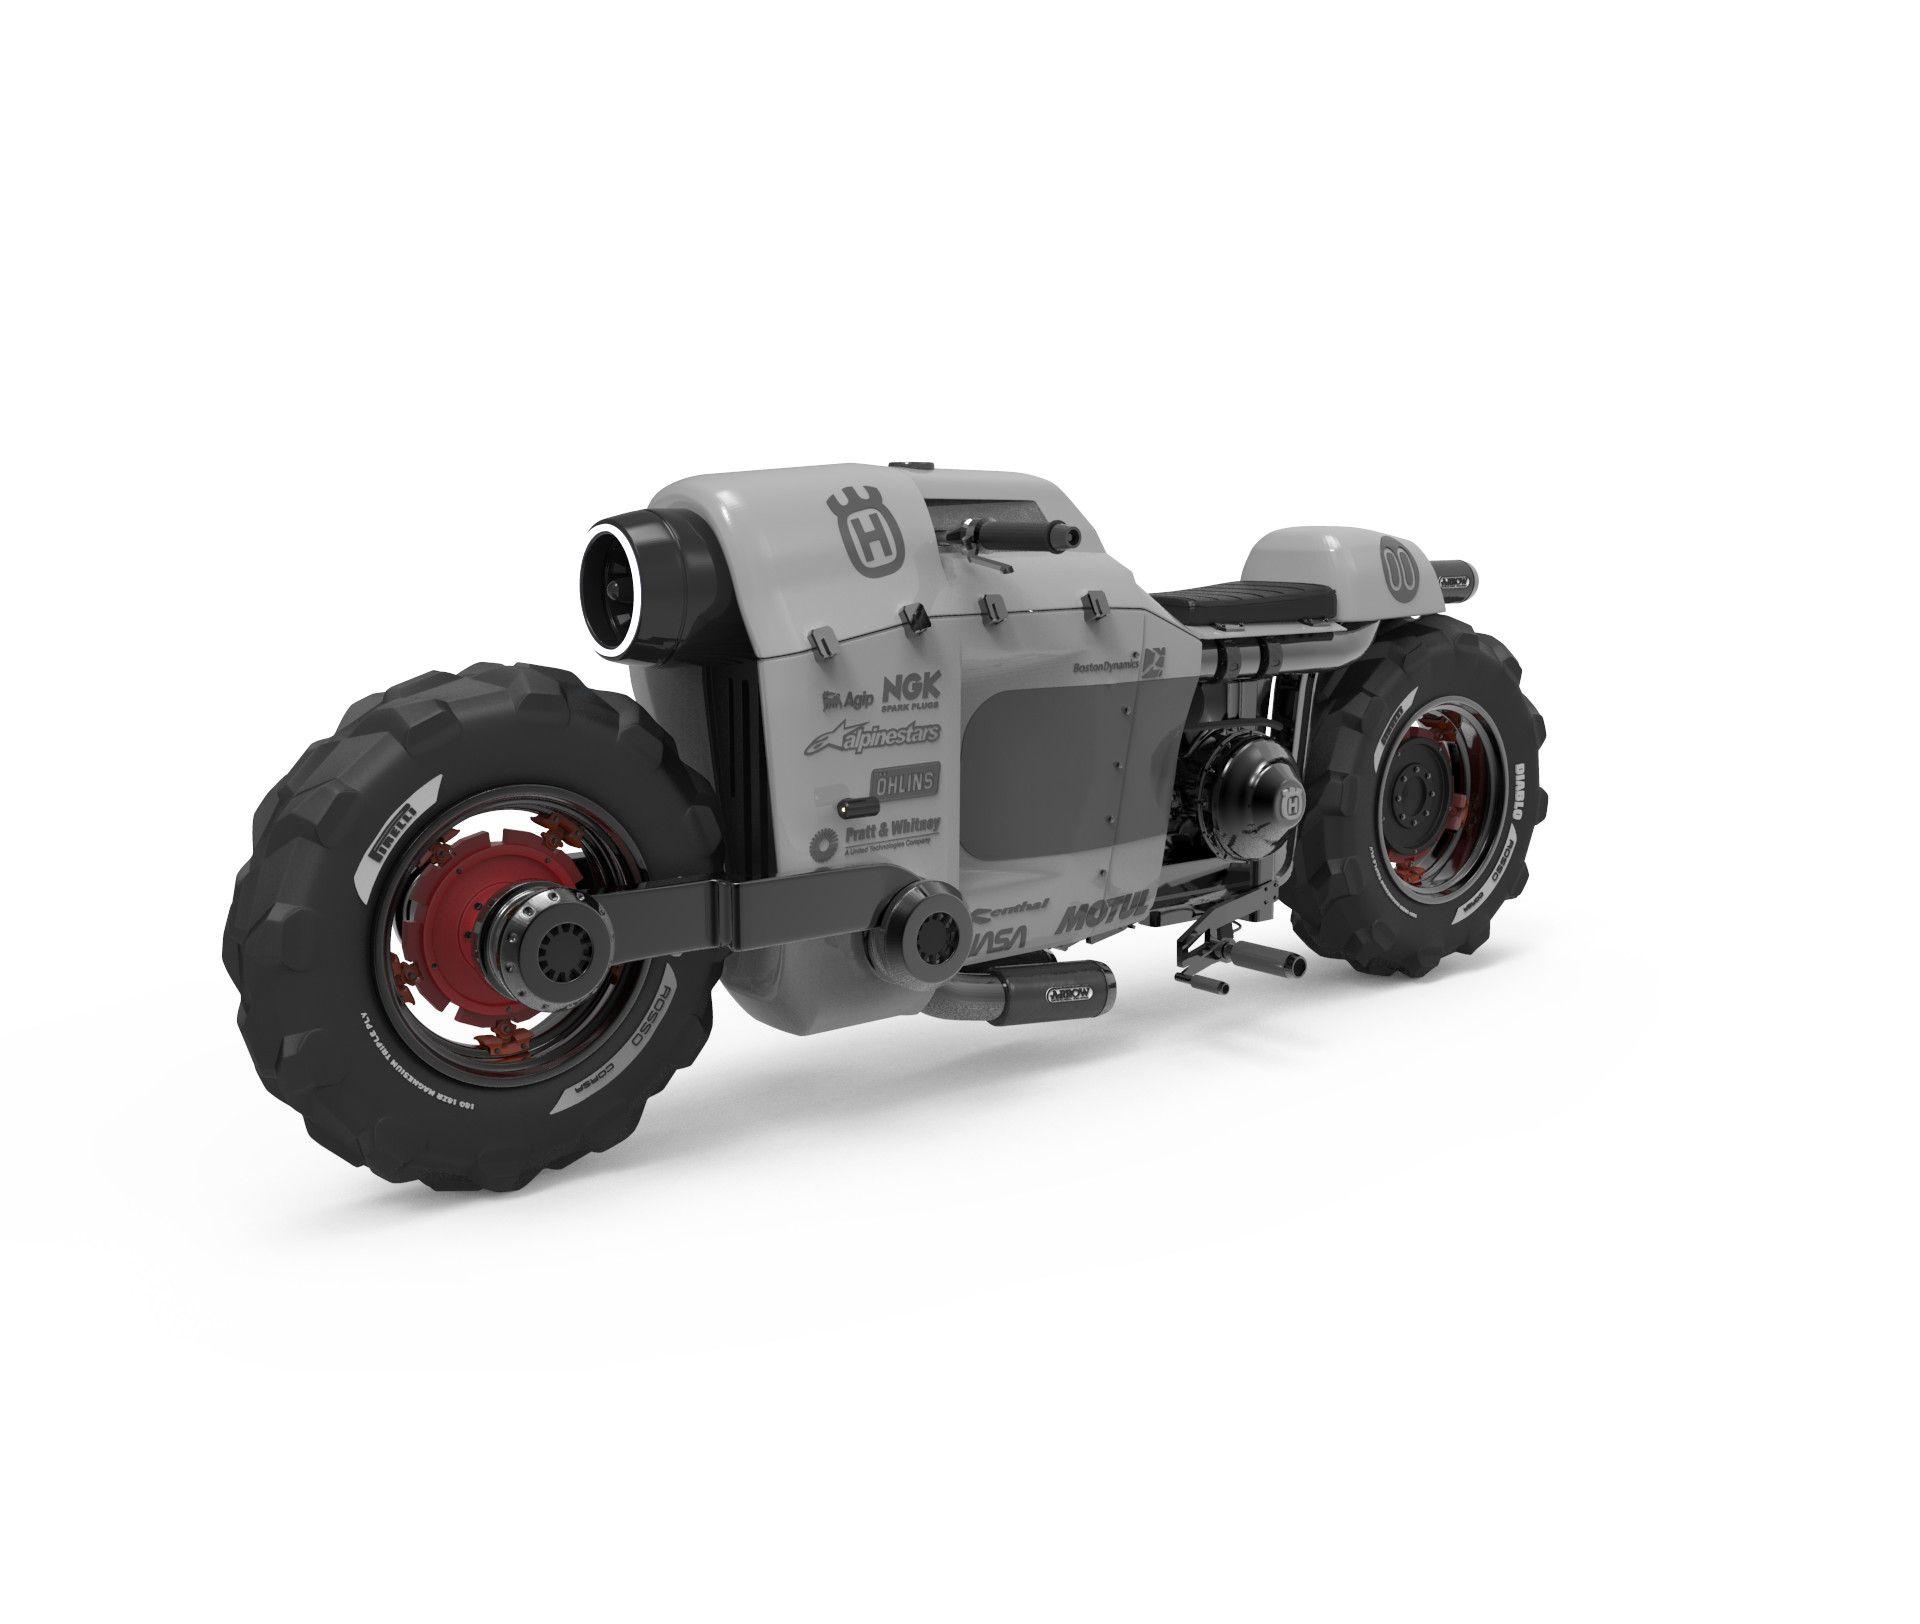 Tractor Wheels Concept : Artstation tractor bike concept albert carranza